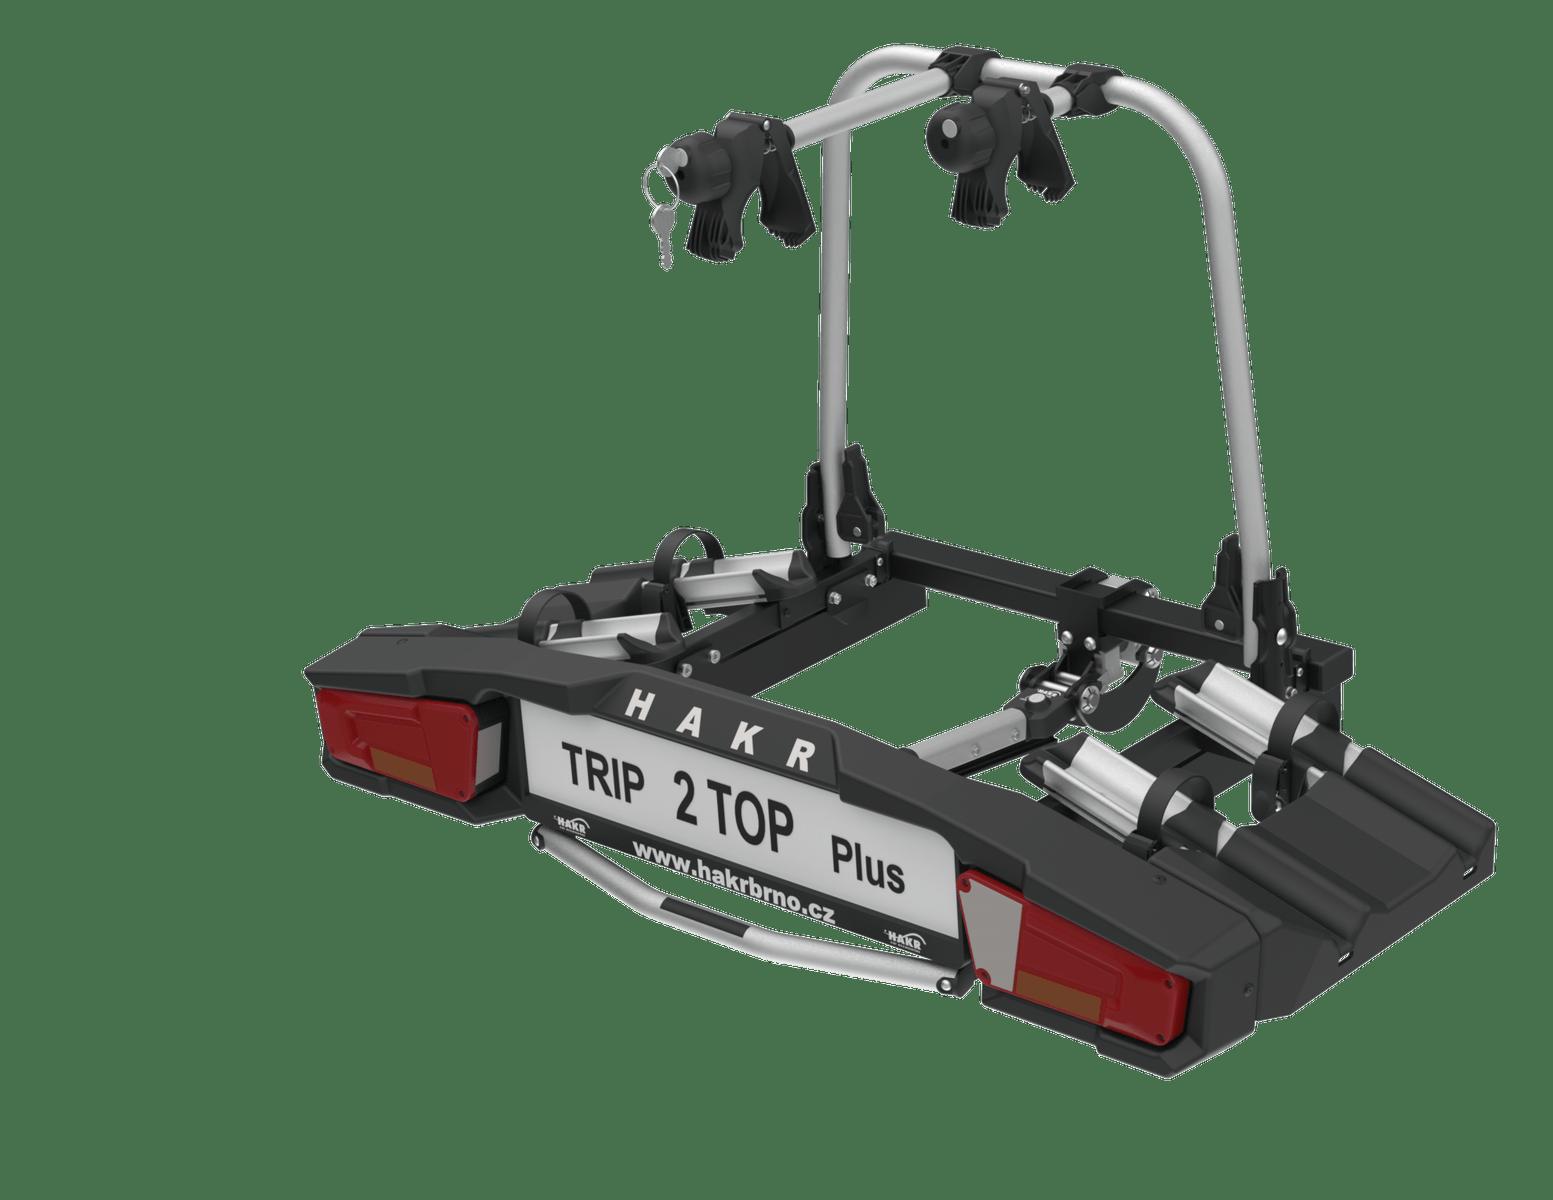 Hakr Trip 2 Top Plus - nosič kol na TZ pro 2 kola